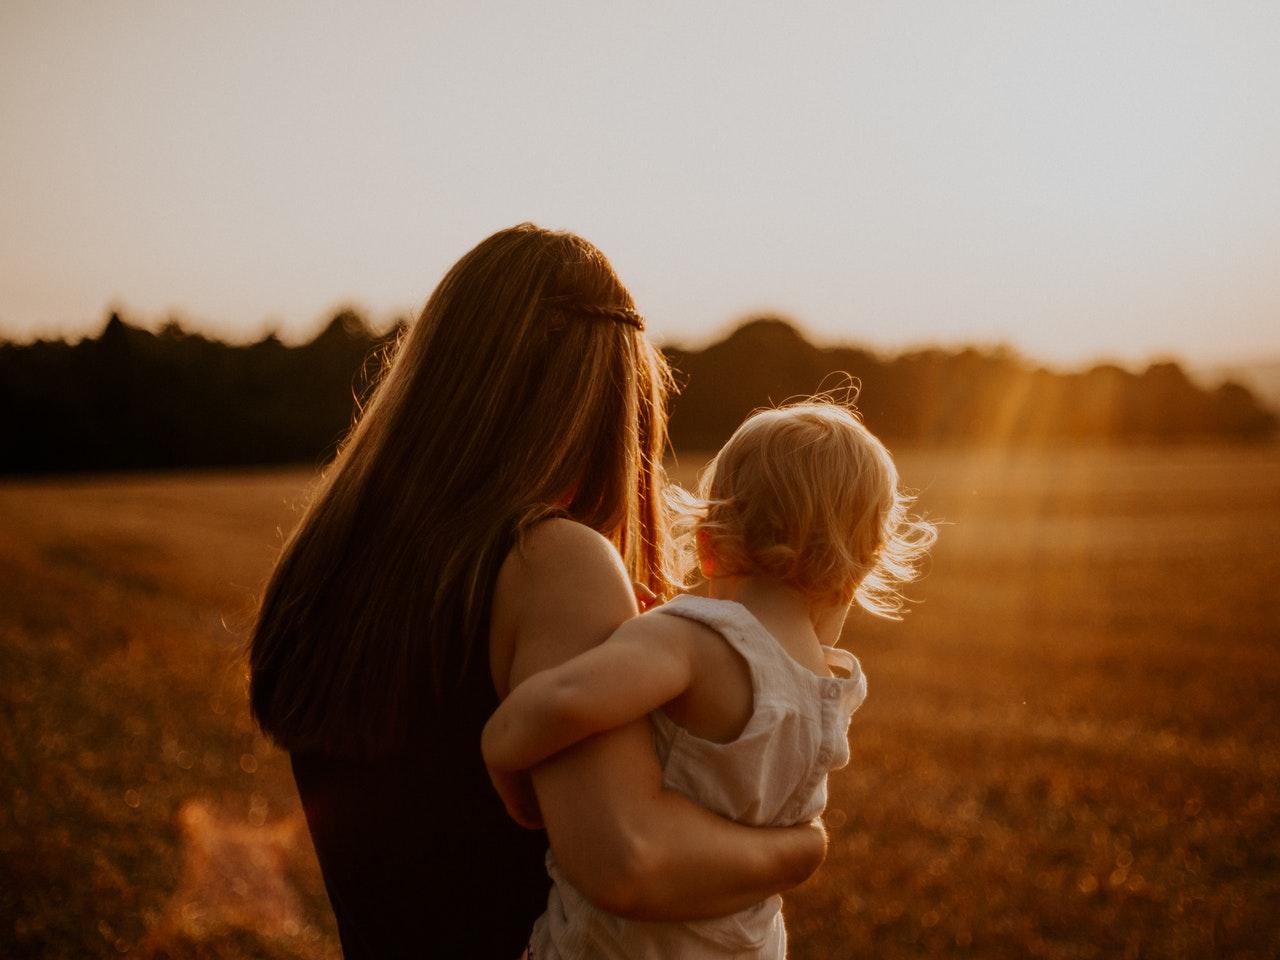 O Que Realmente Importa Na Maternidade?